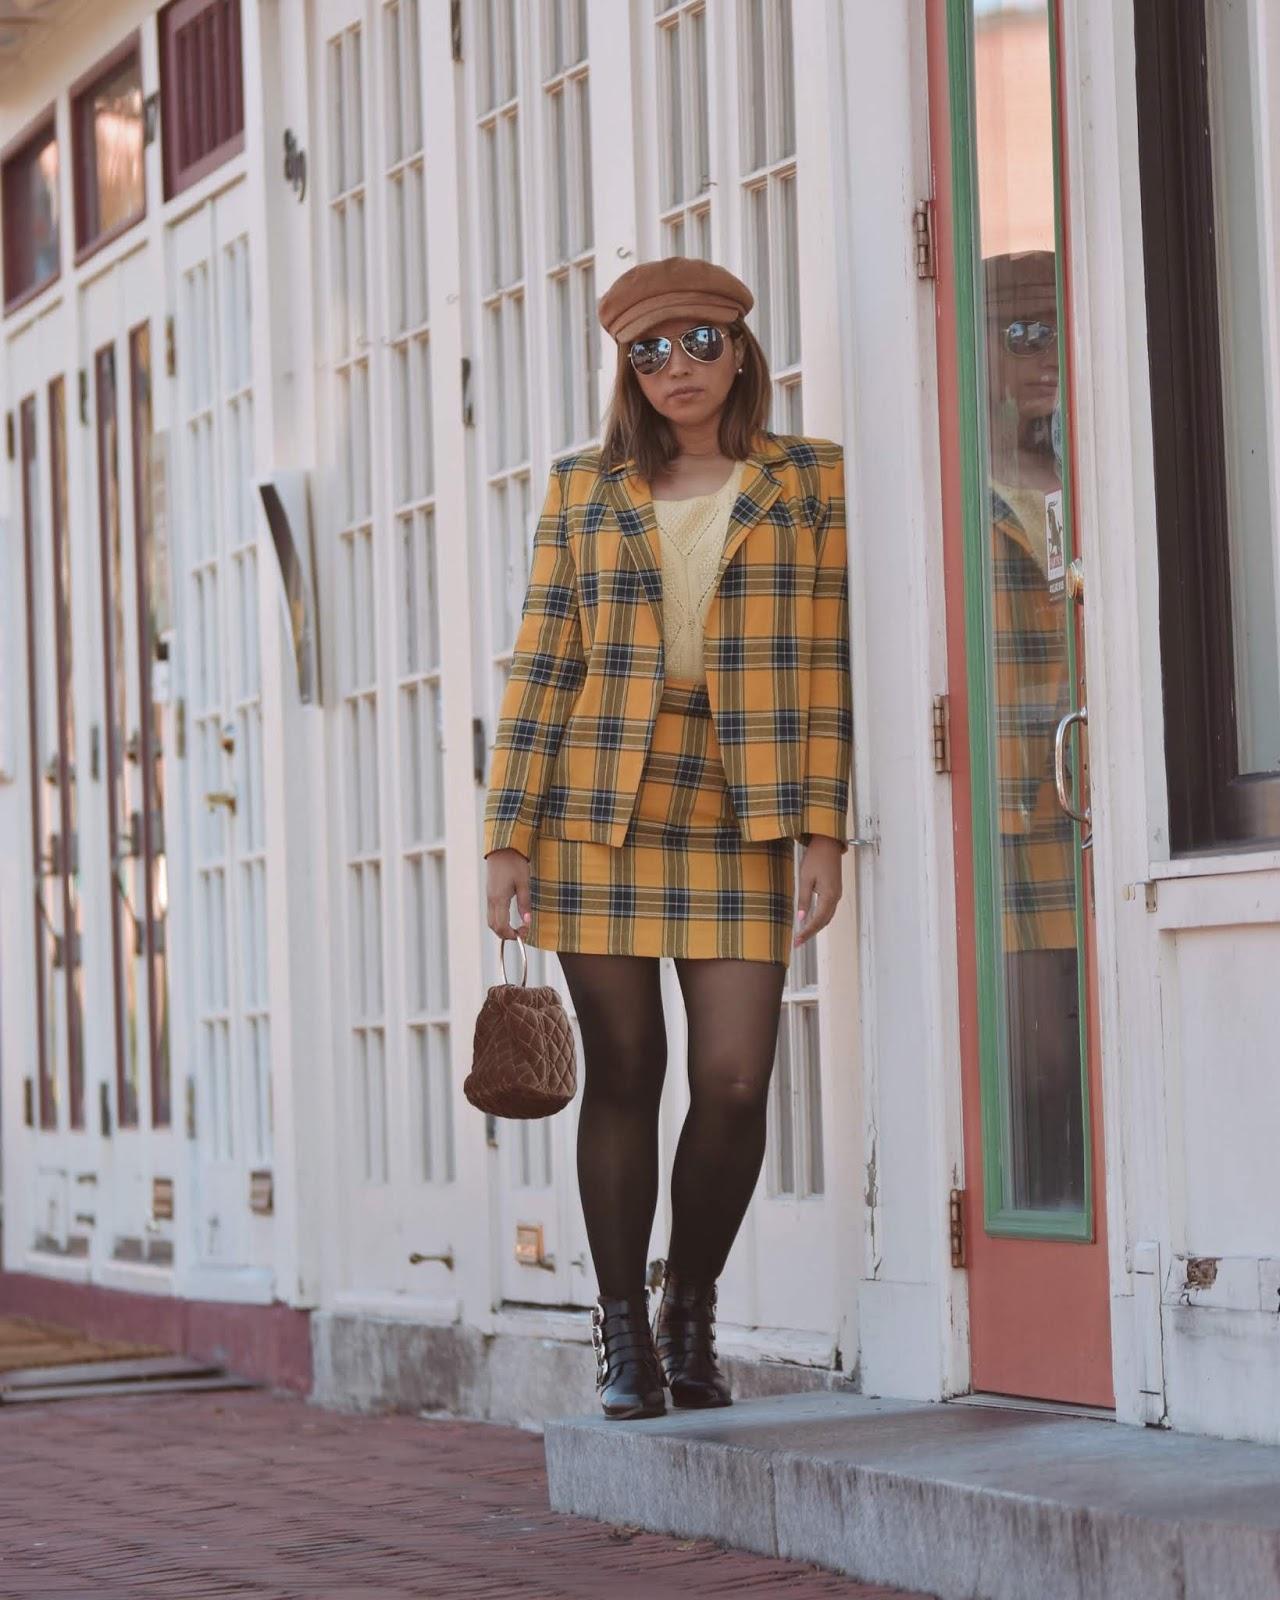 Sigue Apostando Por La Tendencia Tartán - SheIn Black Friday-mariestilo-dcblogger-sheingals-moda-fashionblogger-